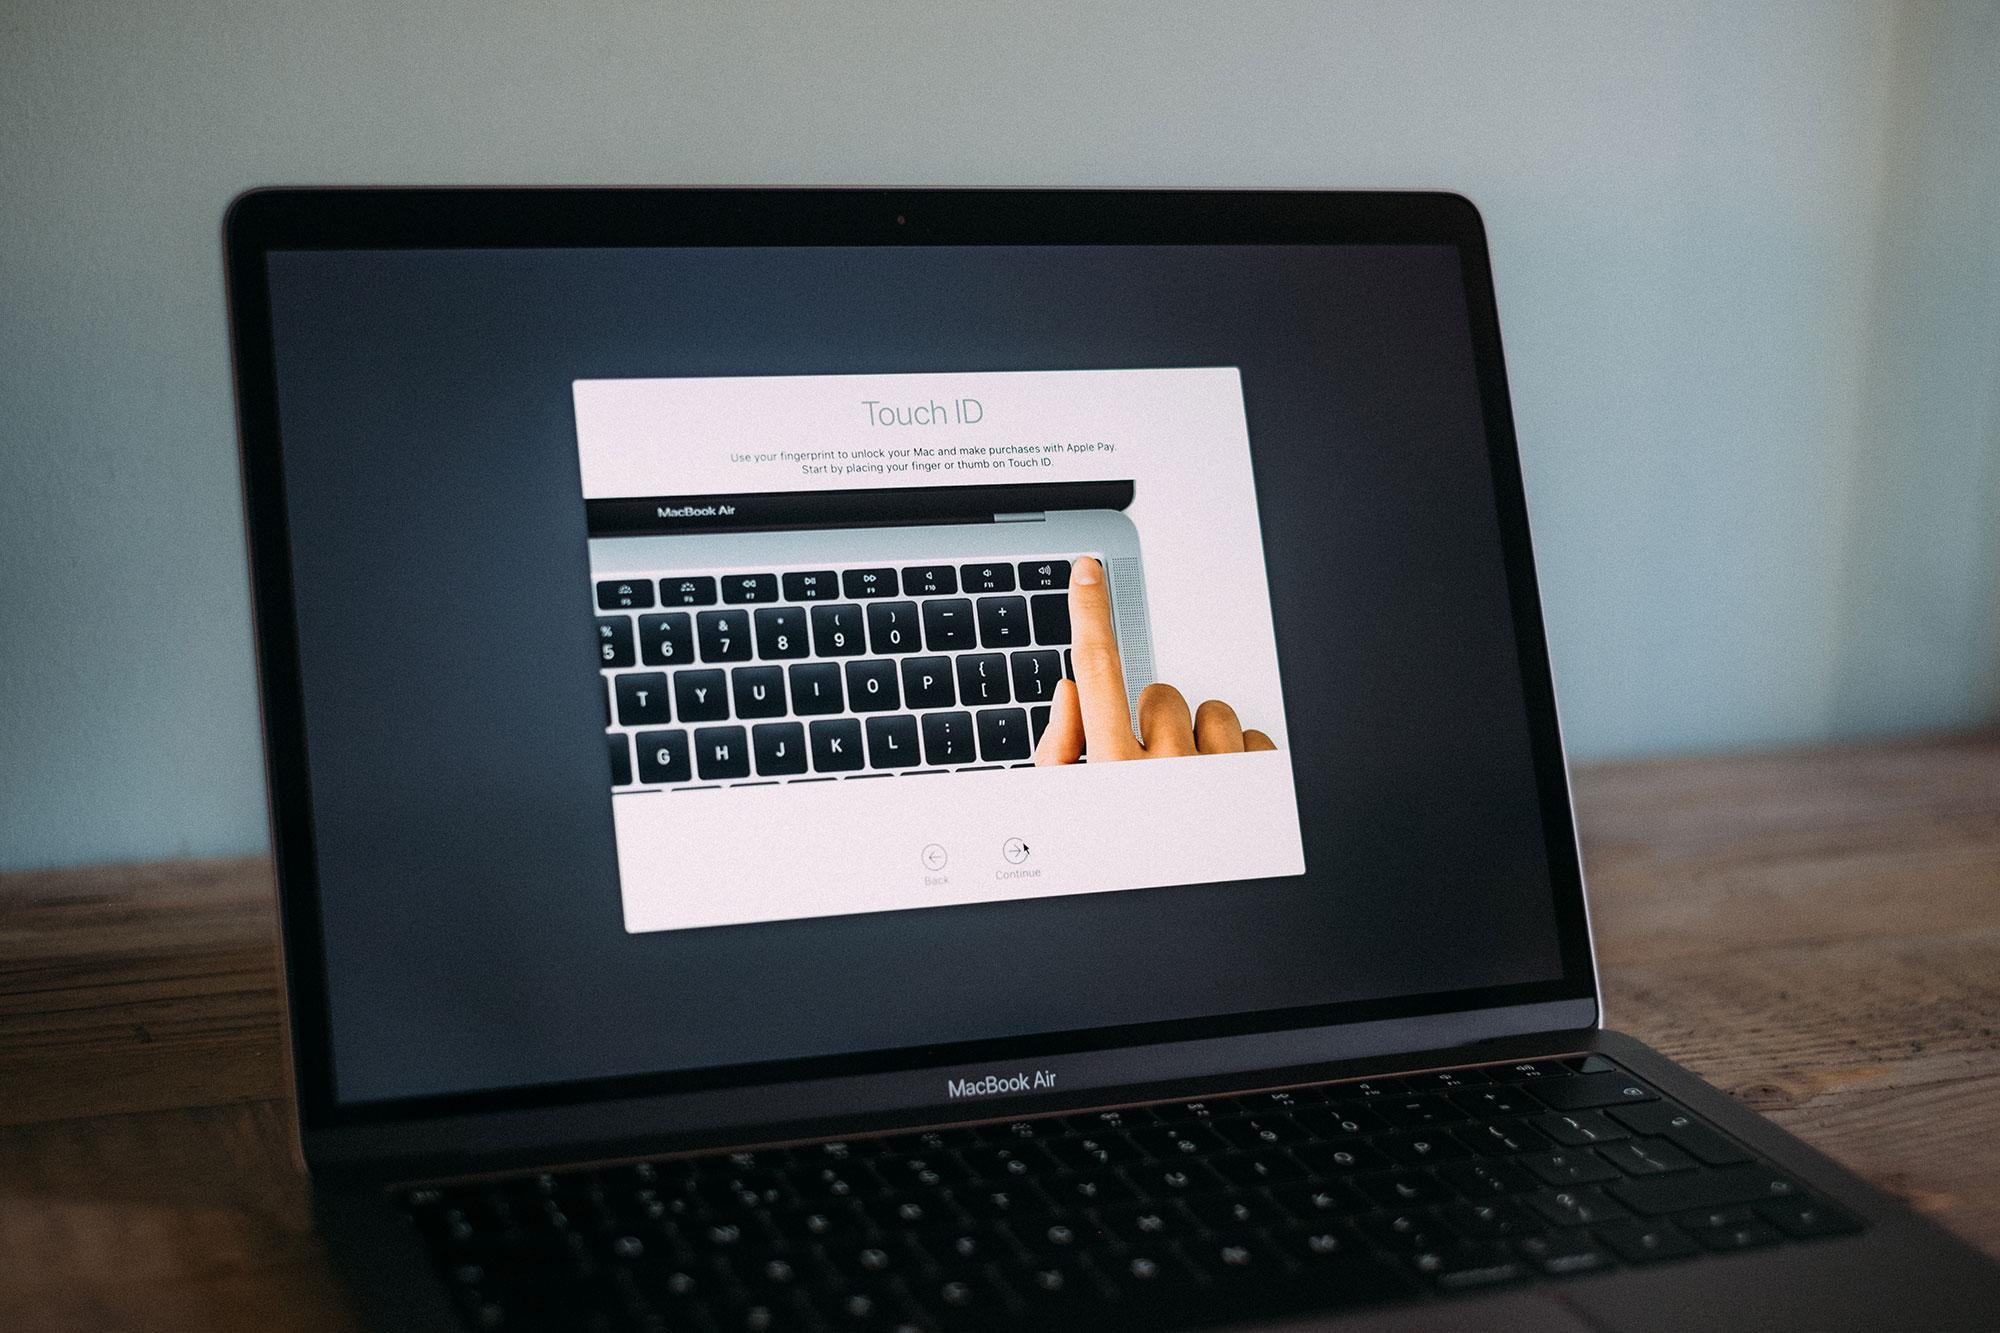 MacBook Air, March 2019